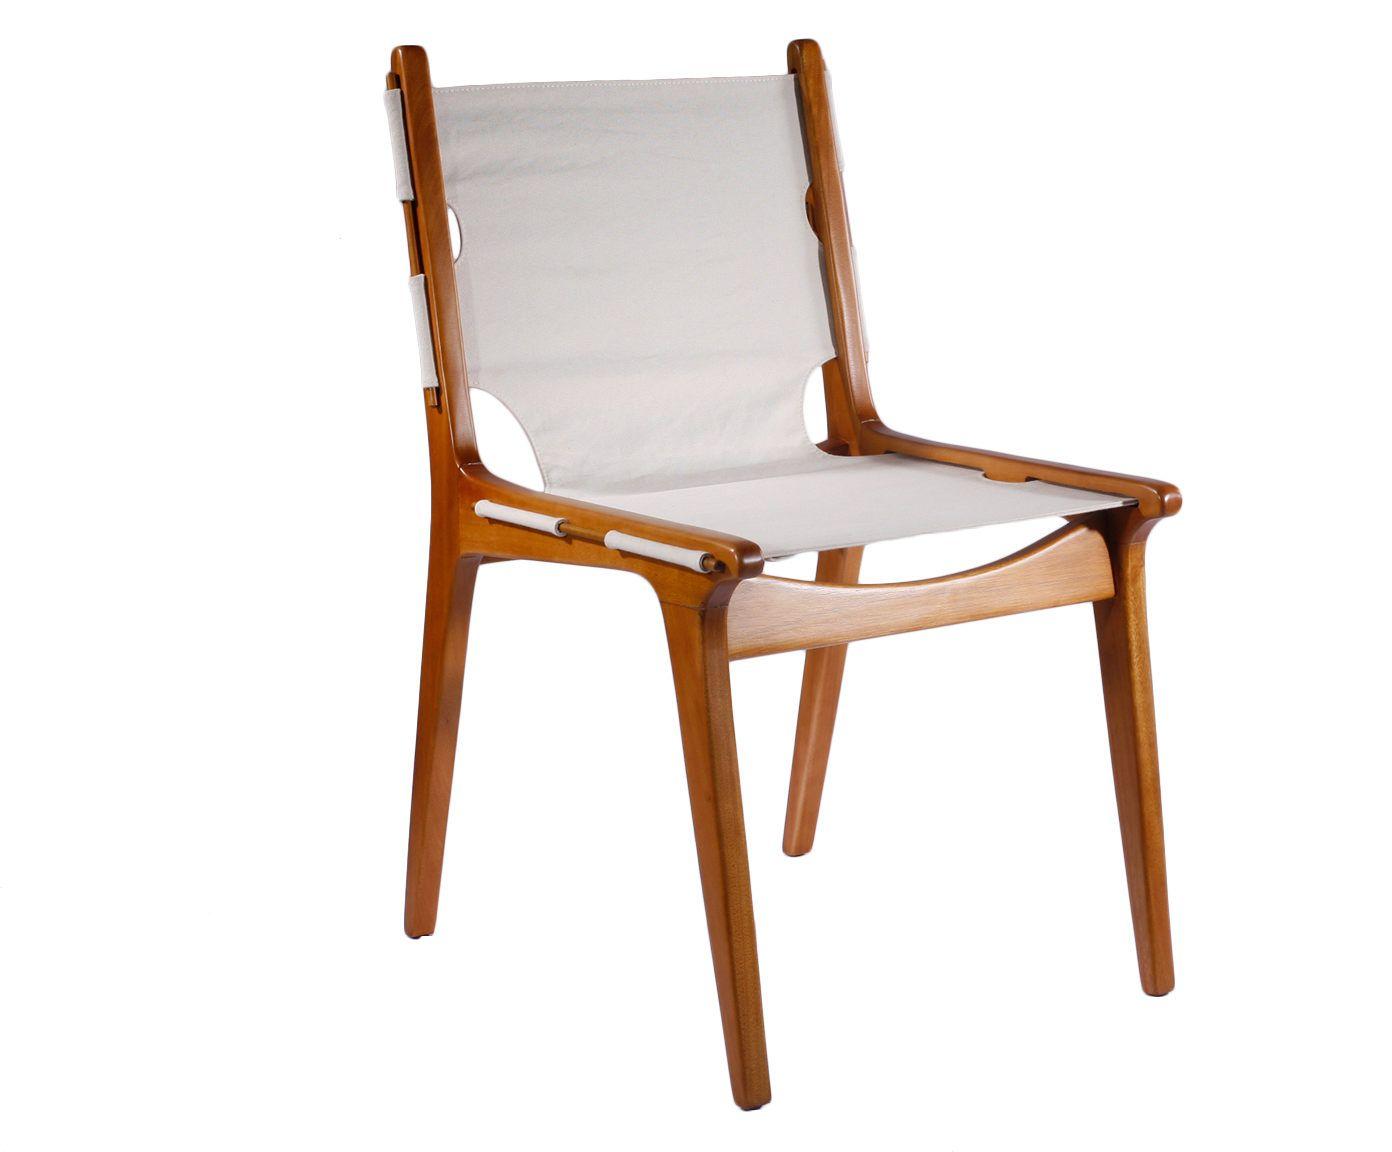 Cadeira balanço | Westwing.com.br